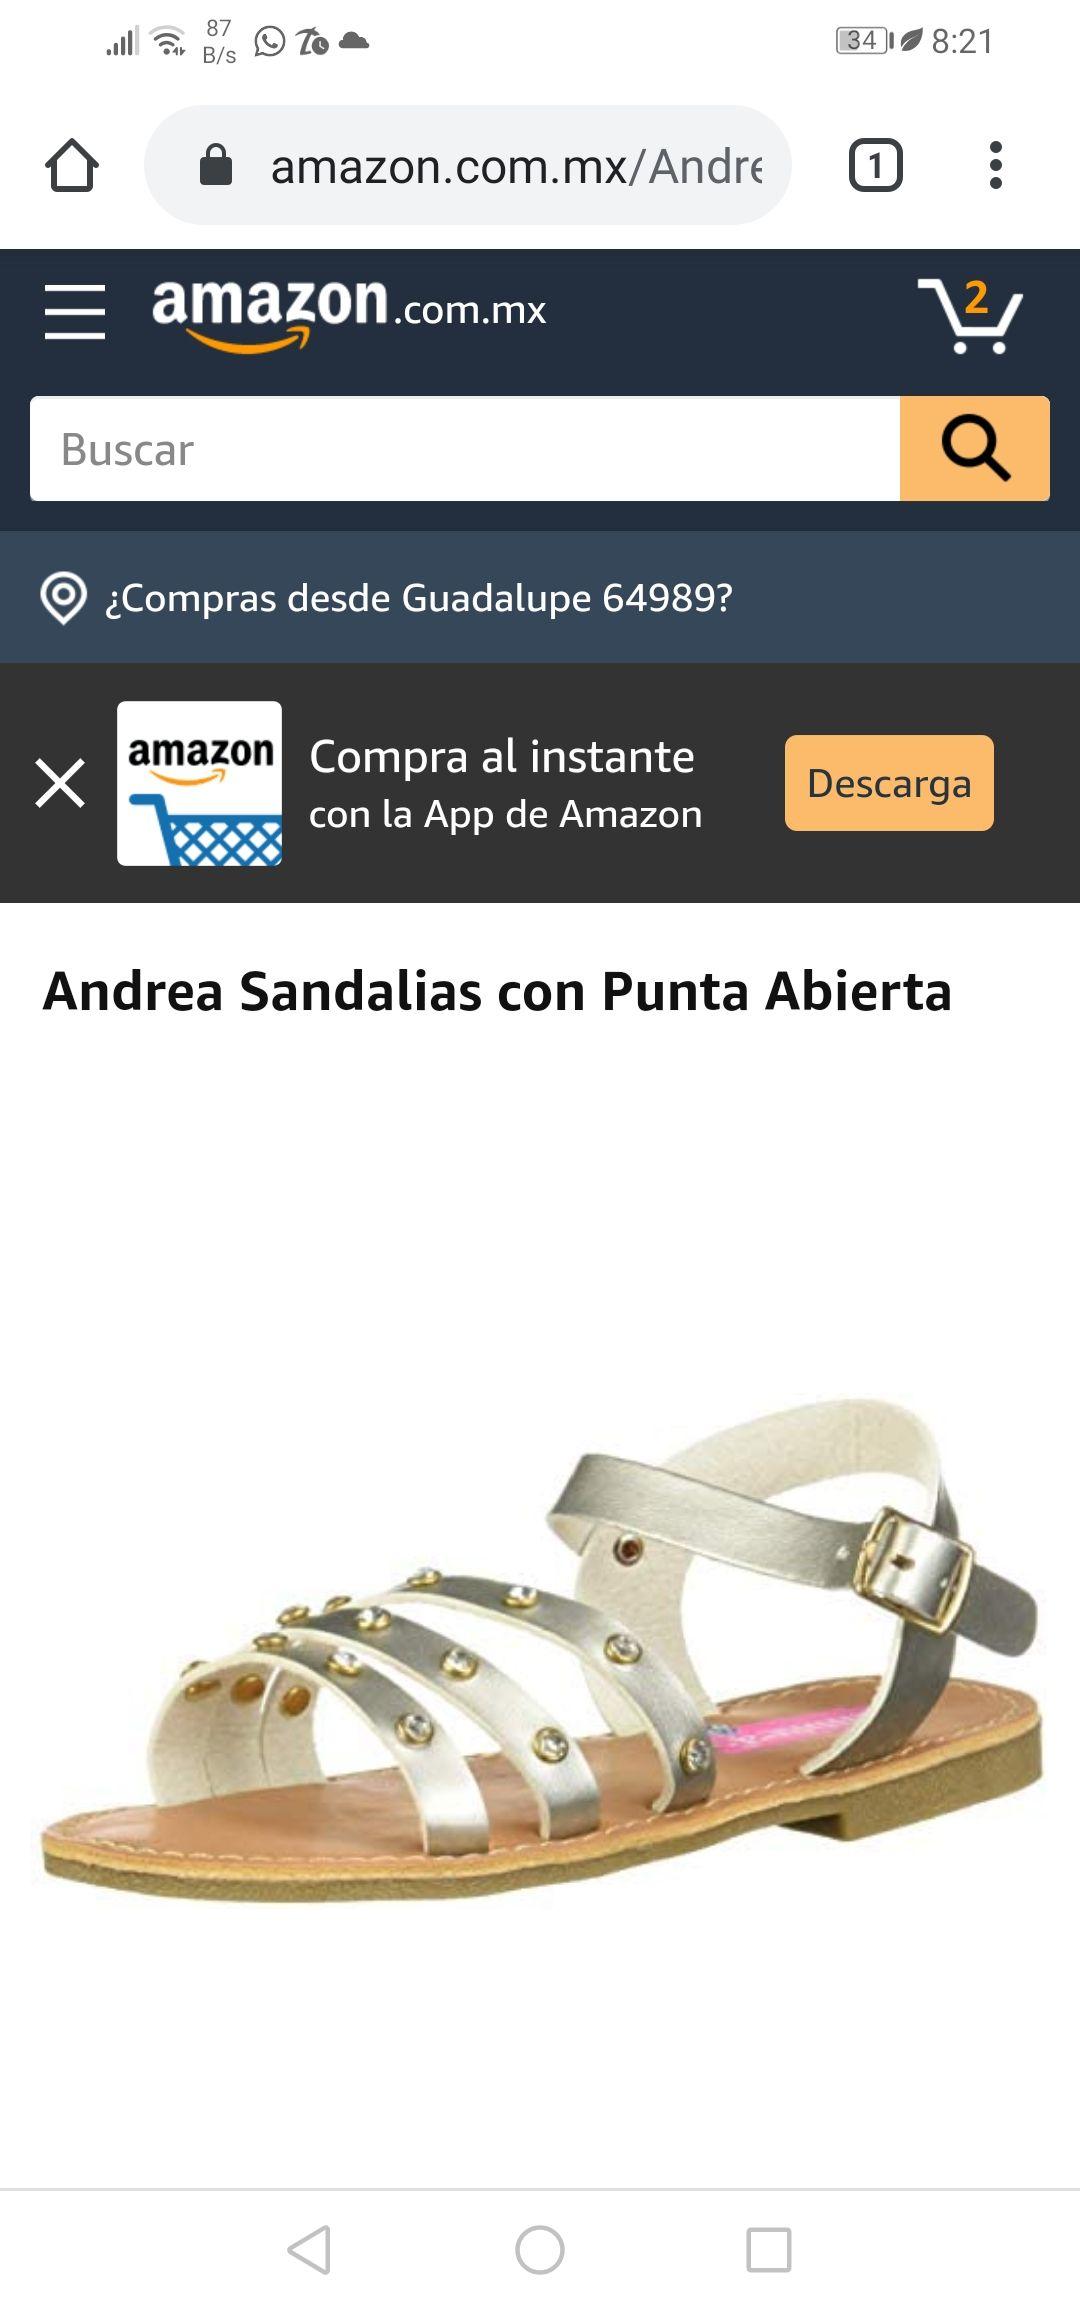 Amazon: Andrea Sandalias con Punta Abierta (SOLO EN 19 CM)